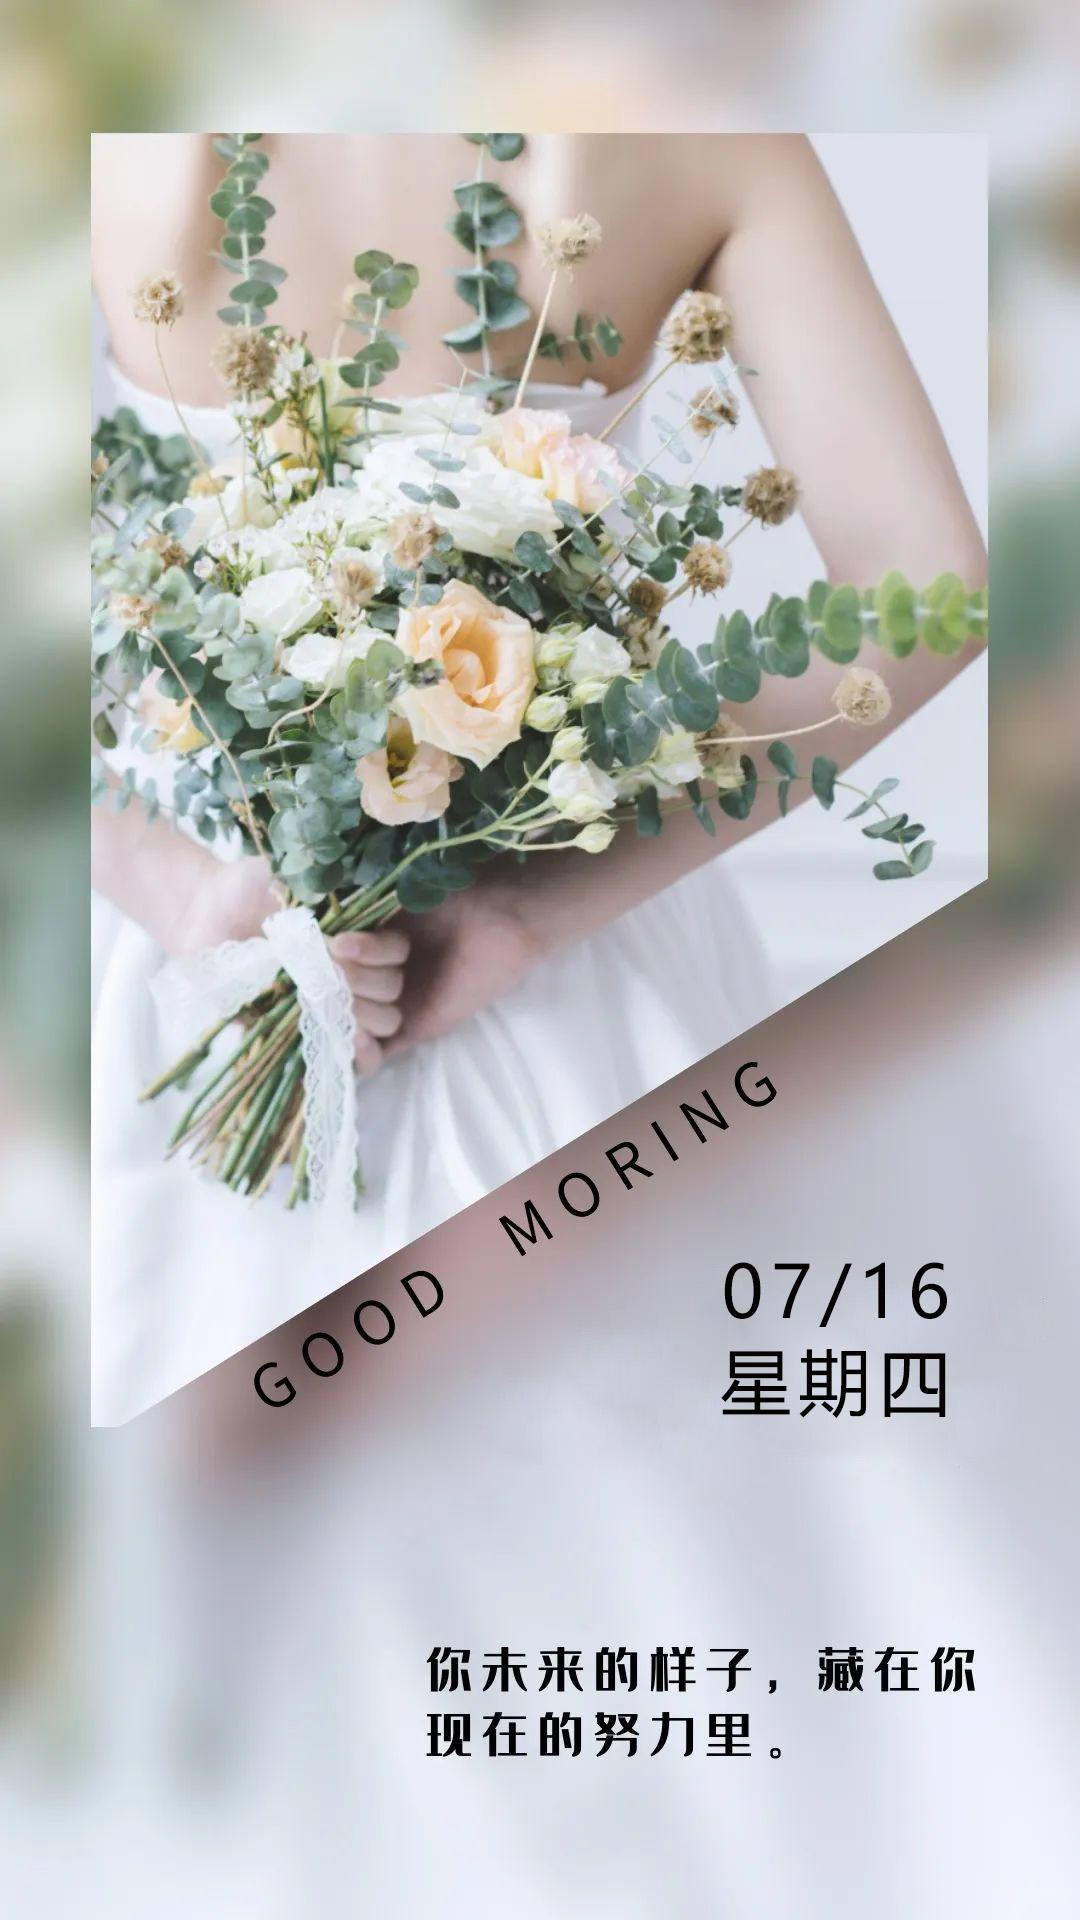 早安周四阳光奋斗问候语图片:只要有梦想在鼓掌,未来就充满着希望